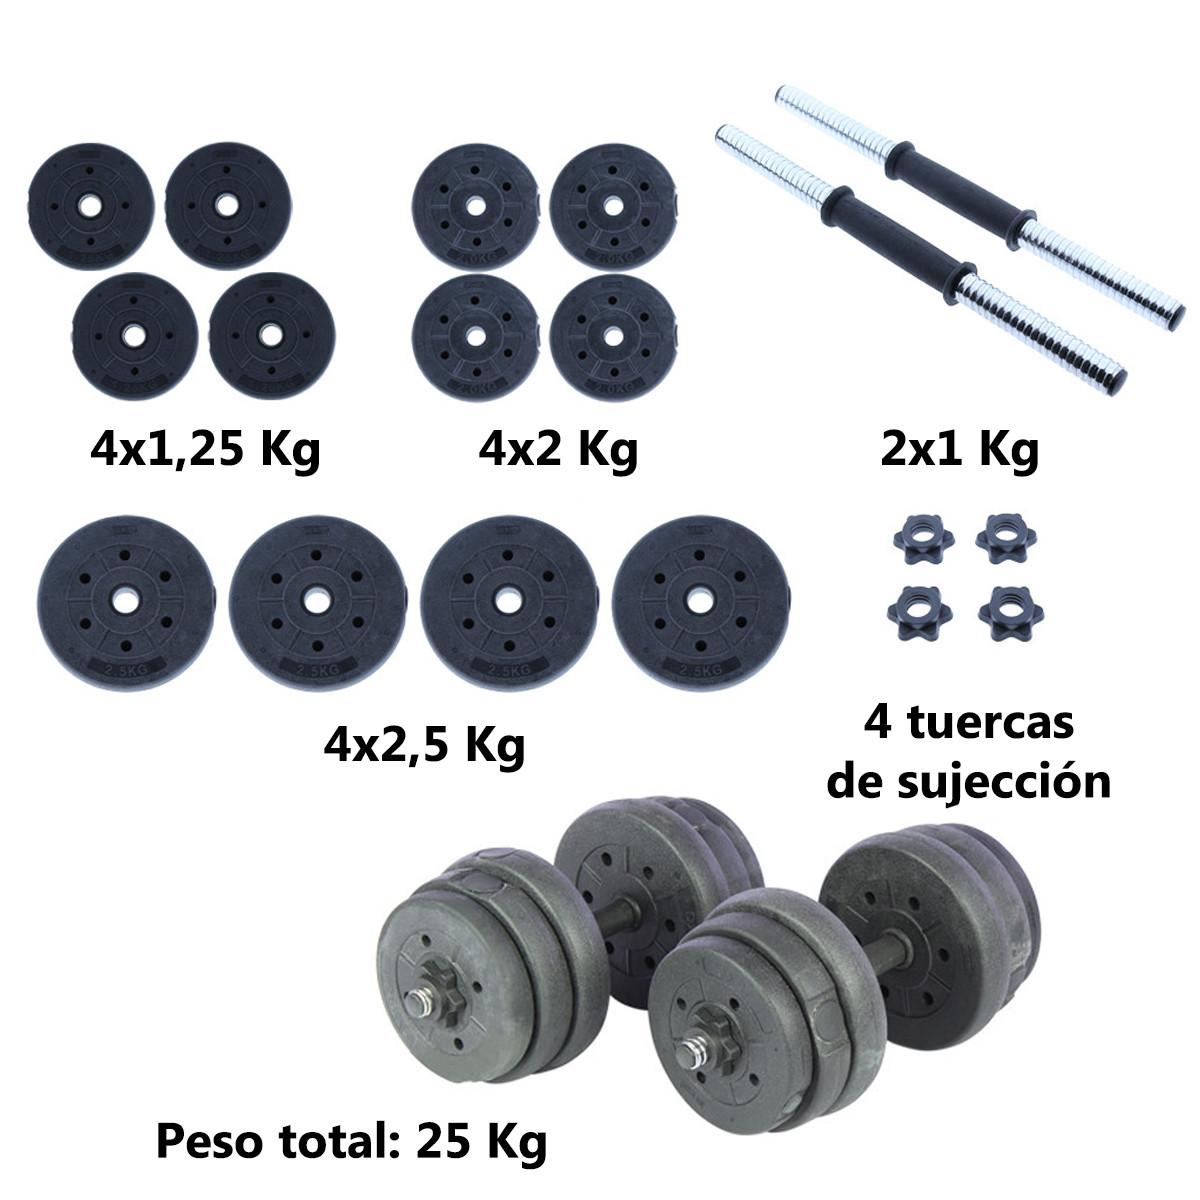 Juego-de-mancuernas-ajustables-con-discos-varios-pesos-Risc miniatura 42